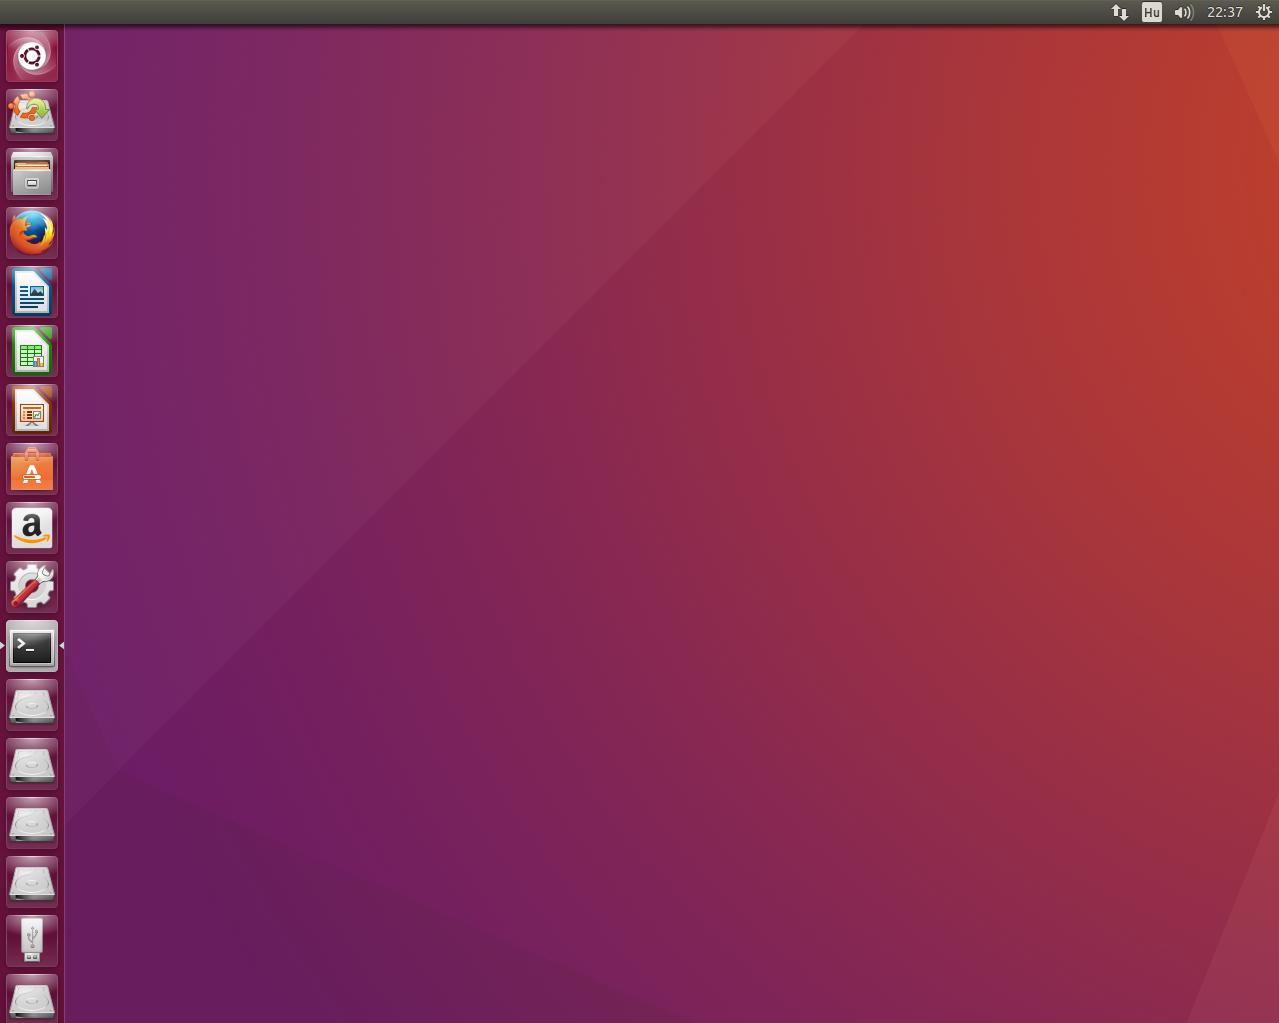 Ubuntu 16.04 LTS asztal